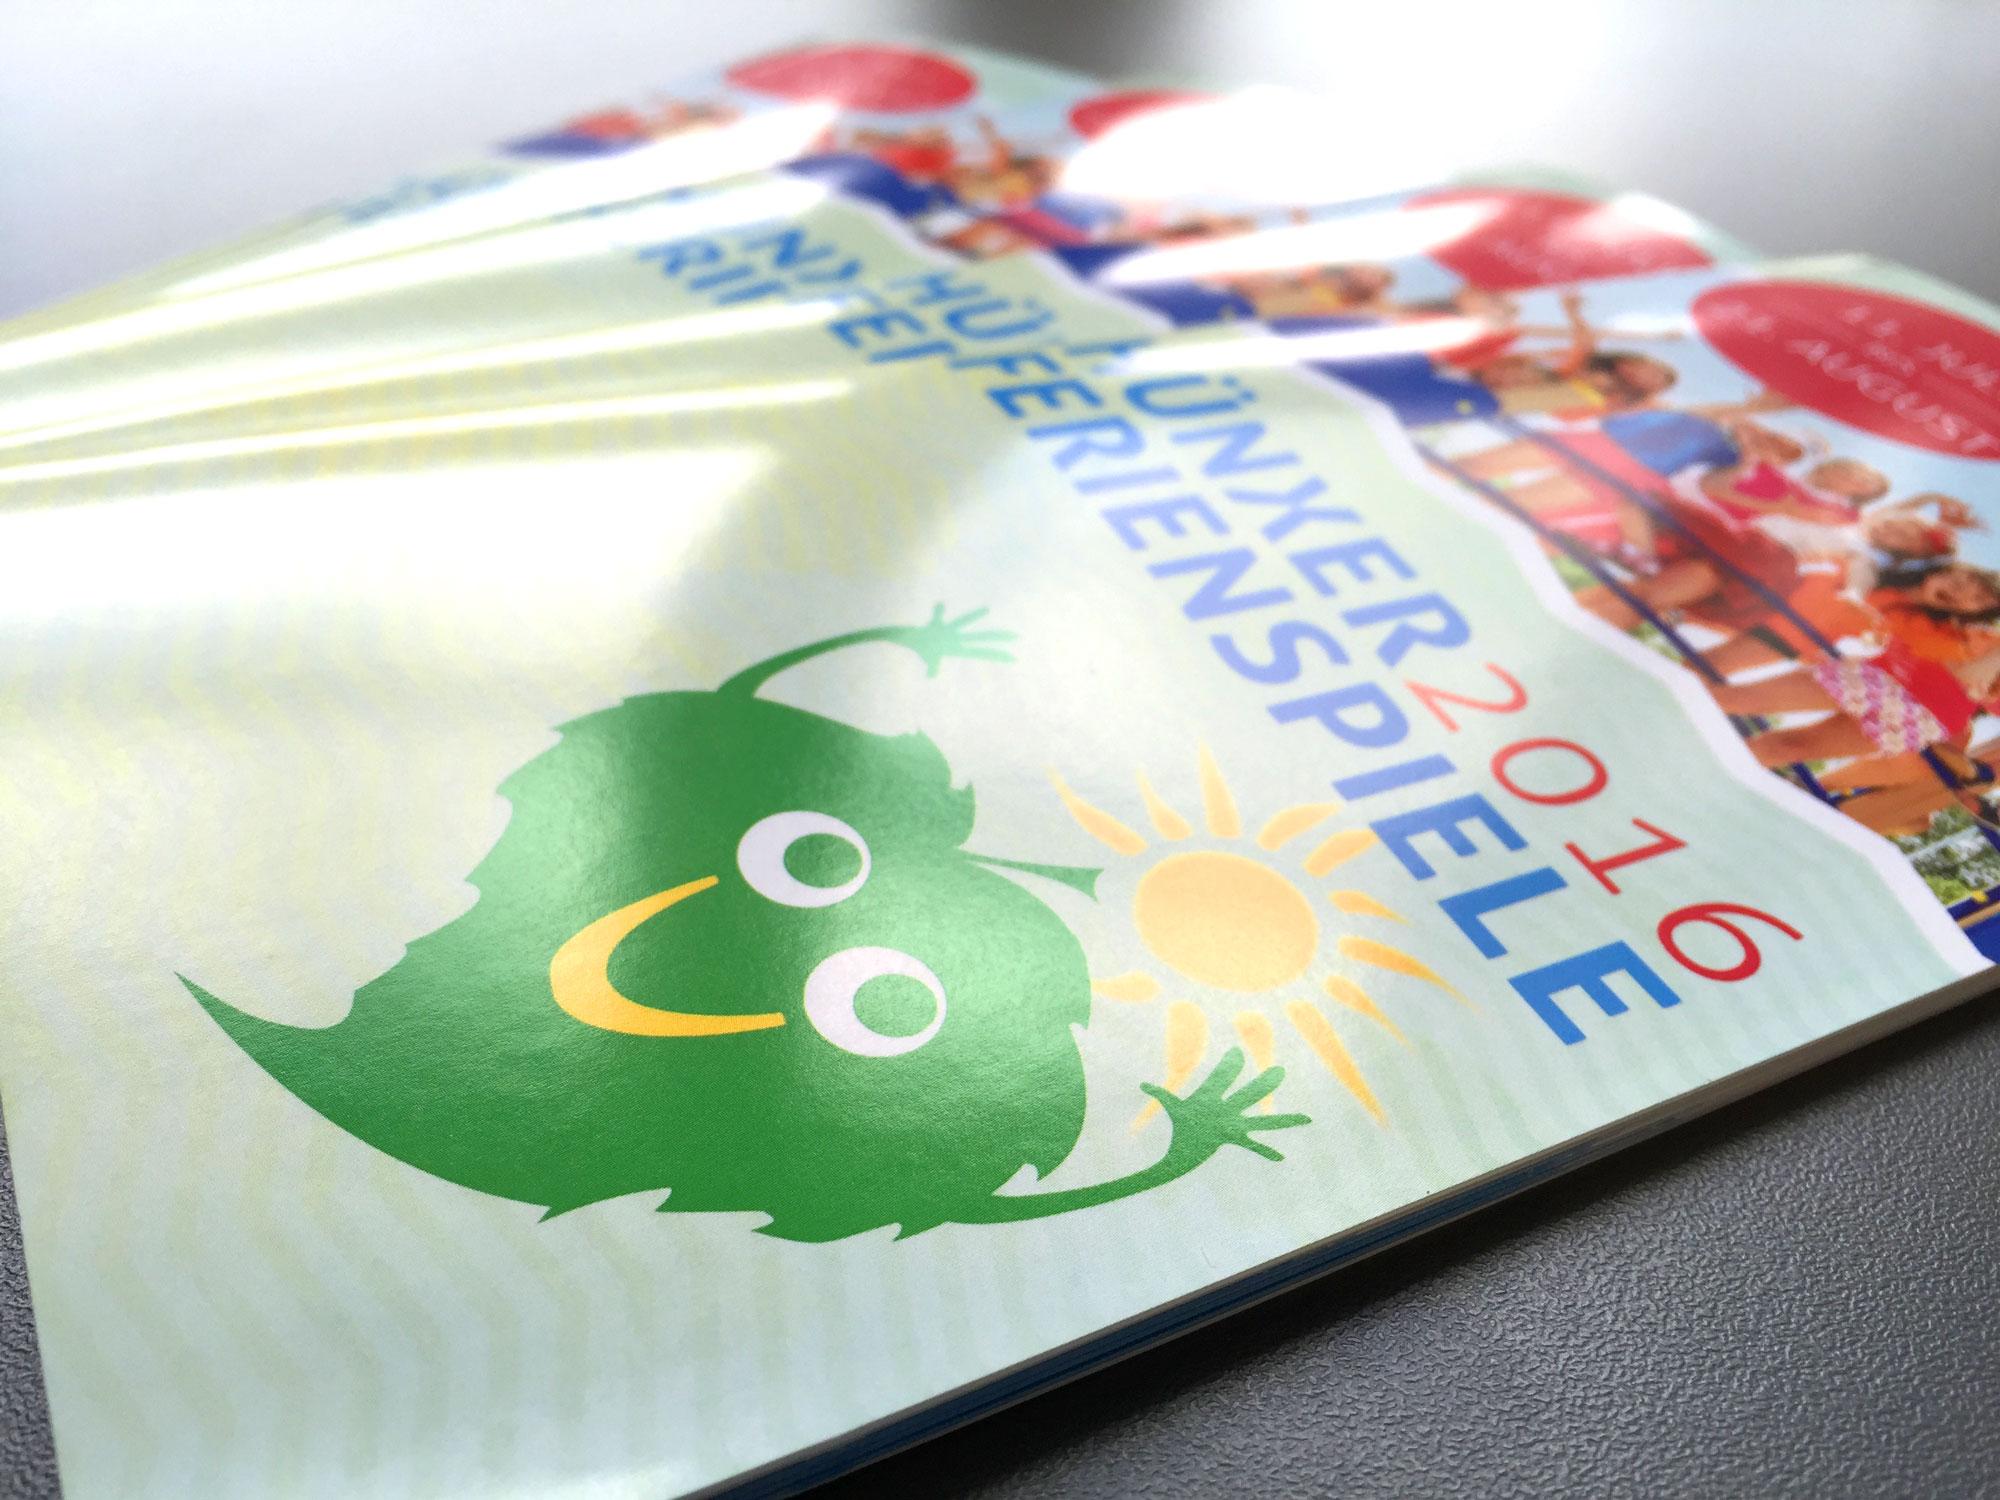 Hünxer Ferienspiele 2016 Mehrseifer Broschüre Drahtgeheftet